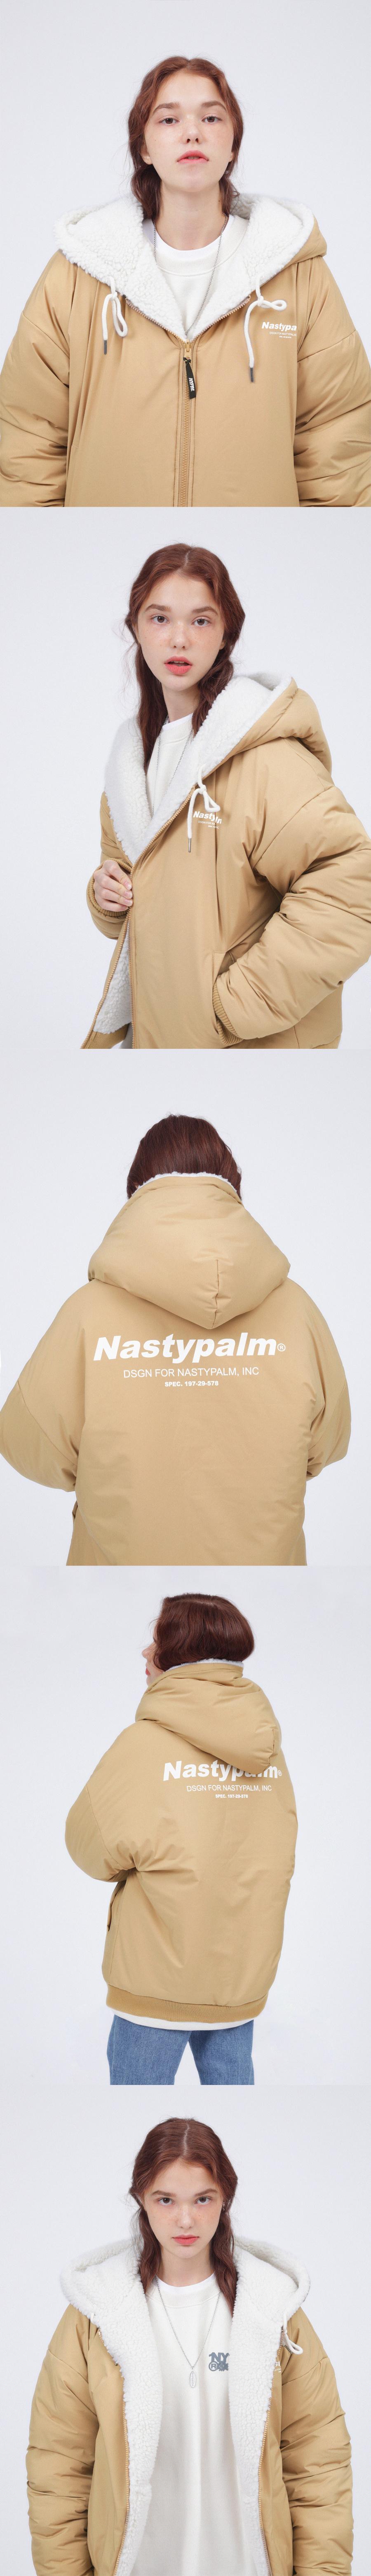 네스티팜(NASTY PALM) 네스티 플리스 리버시블 후드자켓 블랙